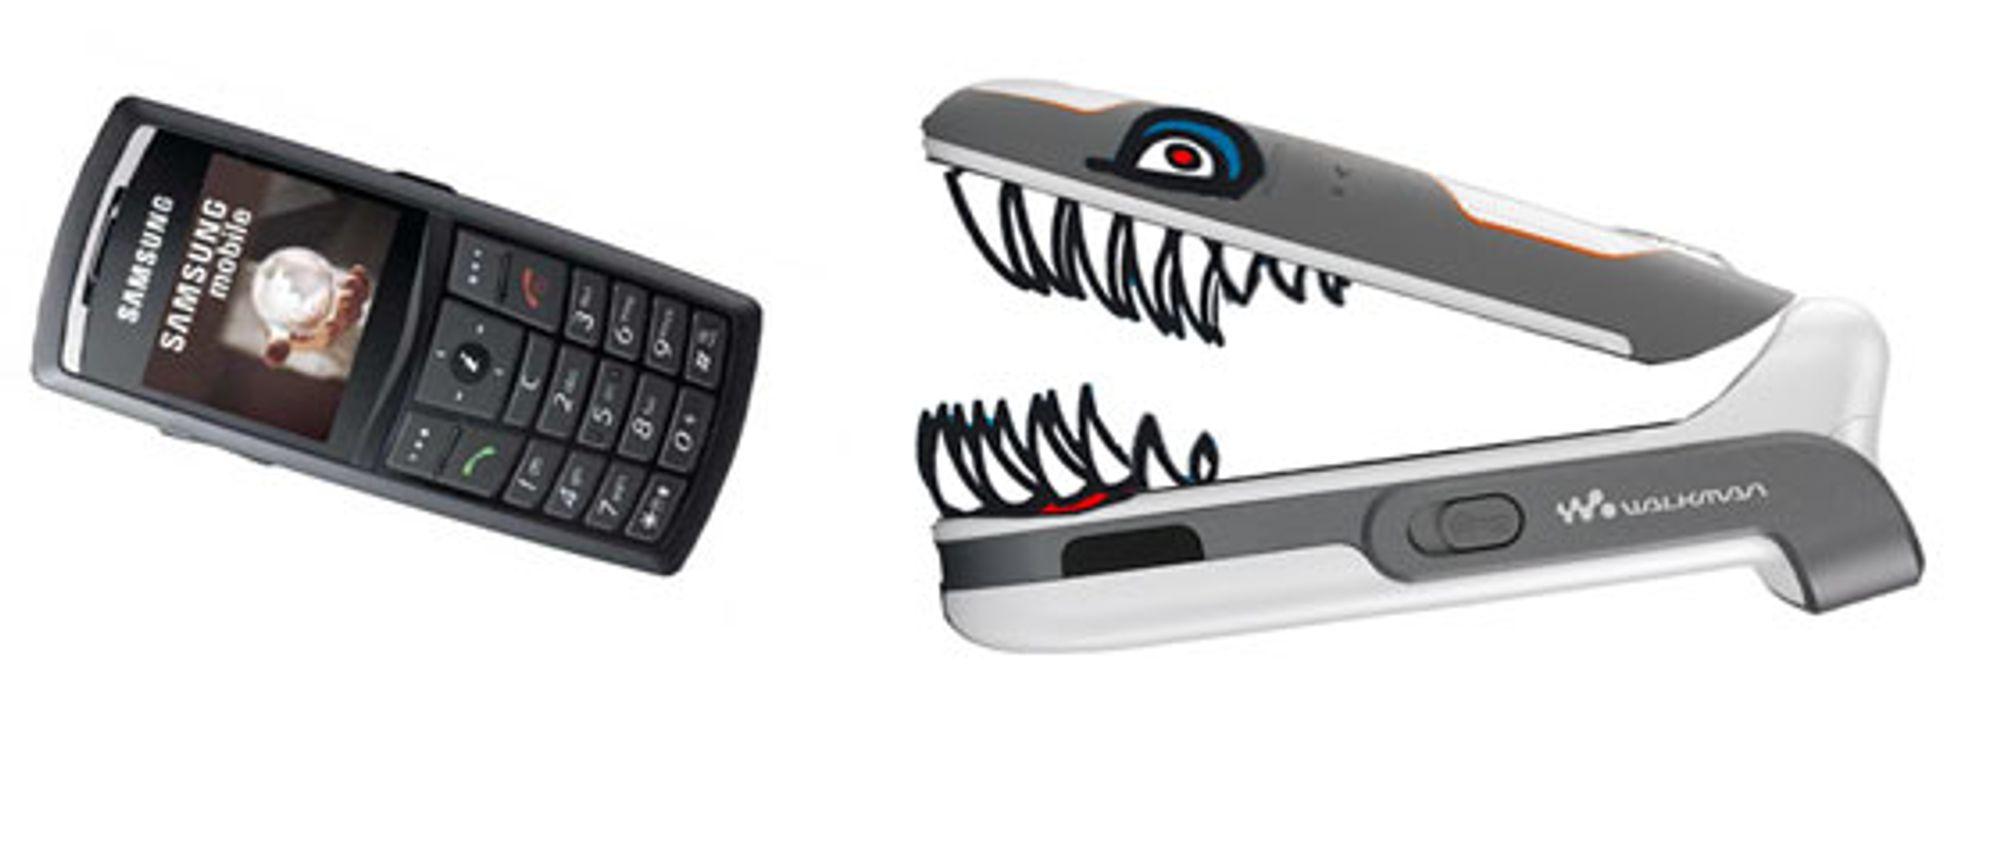 Sony Ericsson spiser av markedsandelene til Samsung og LG.